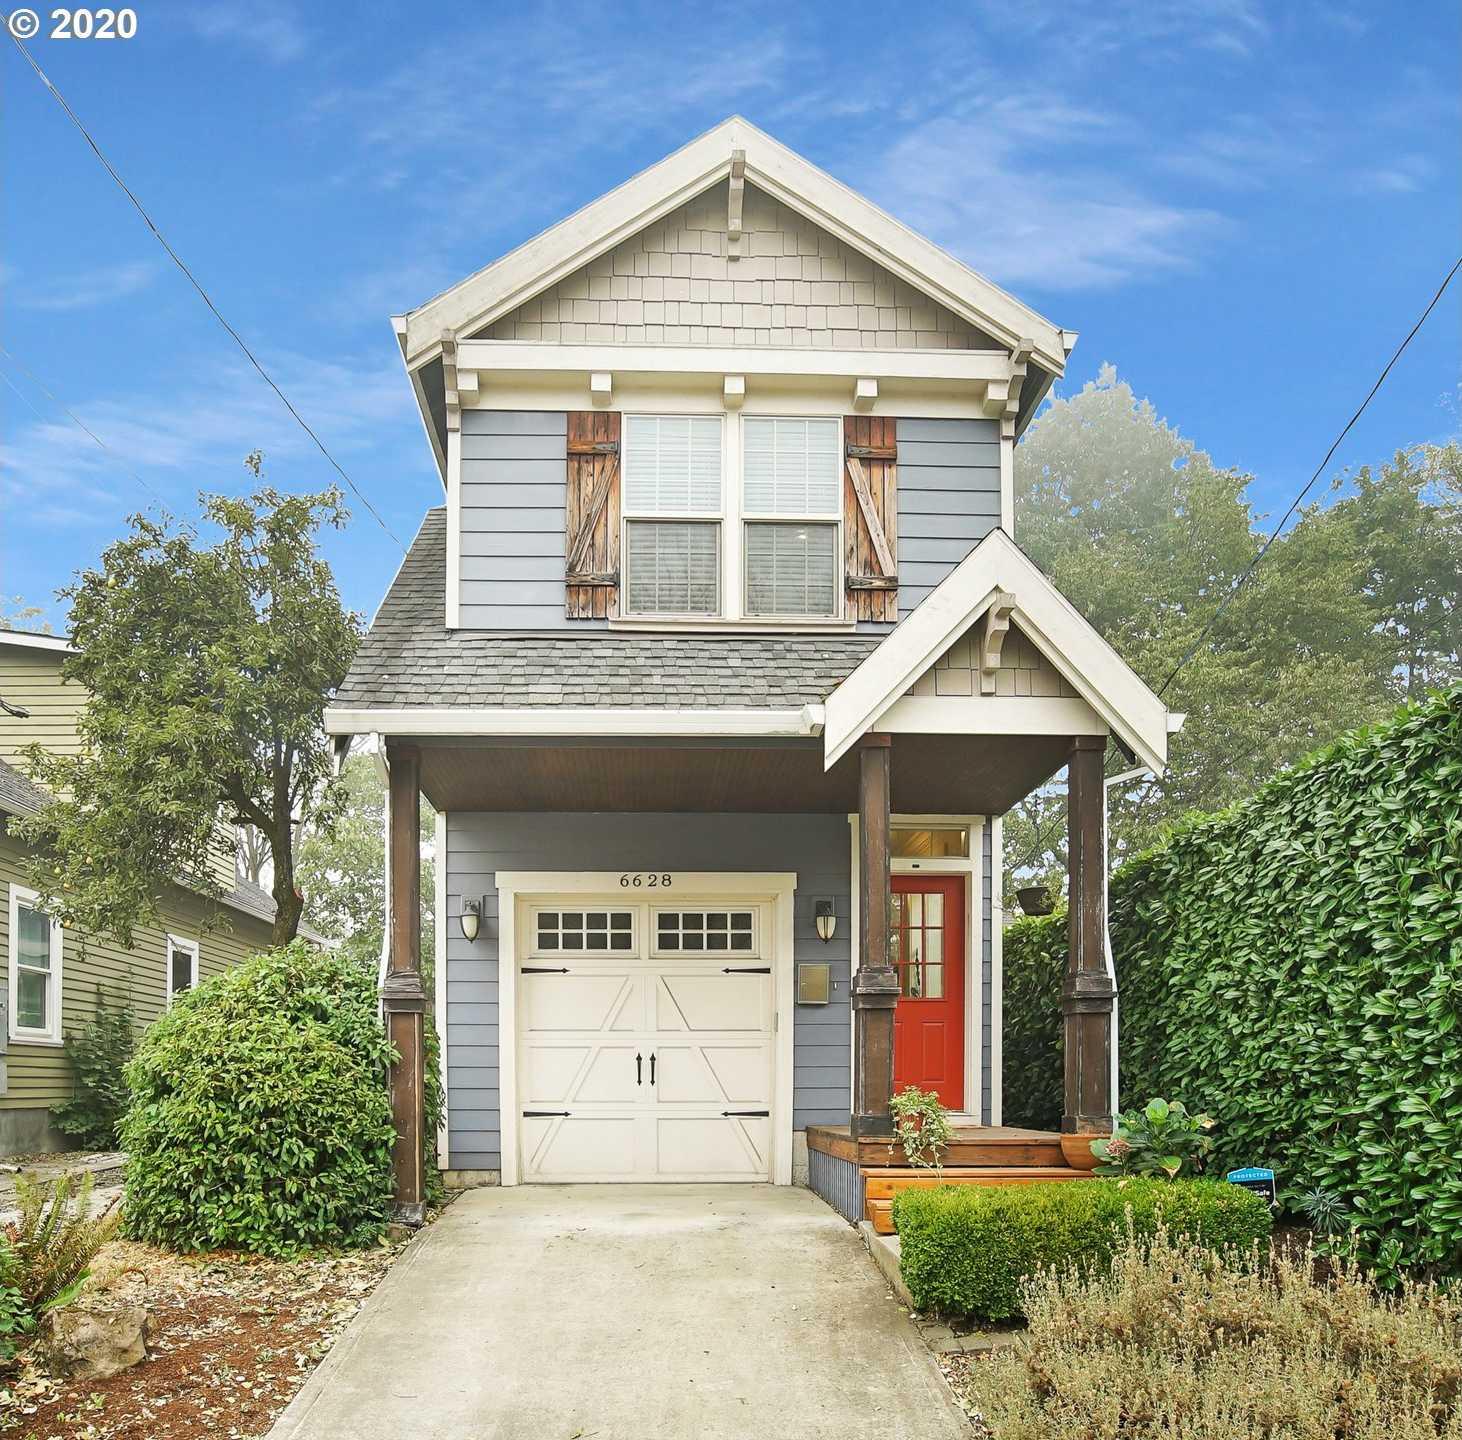 $499,900 - 3Br/3Ba - for Sale in Peidmont, Portland